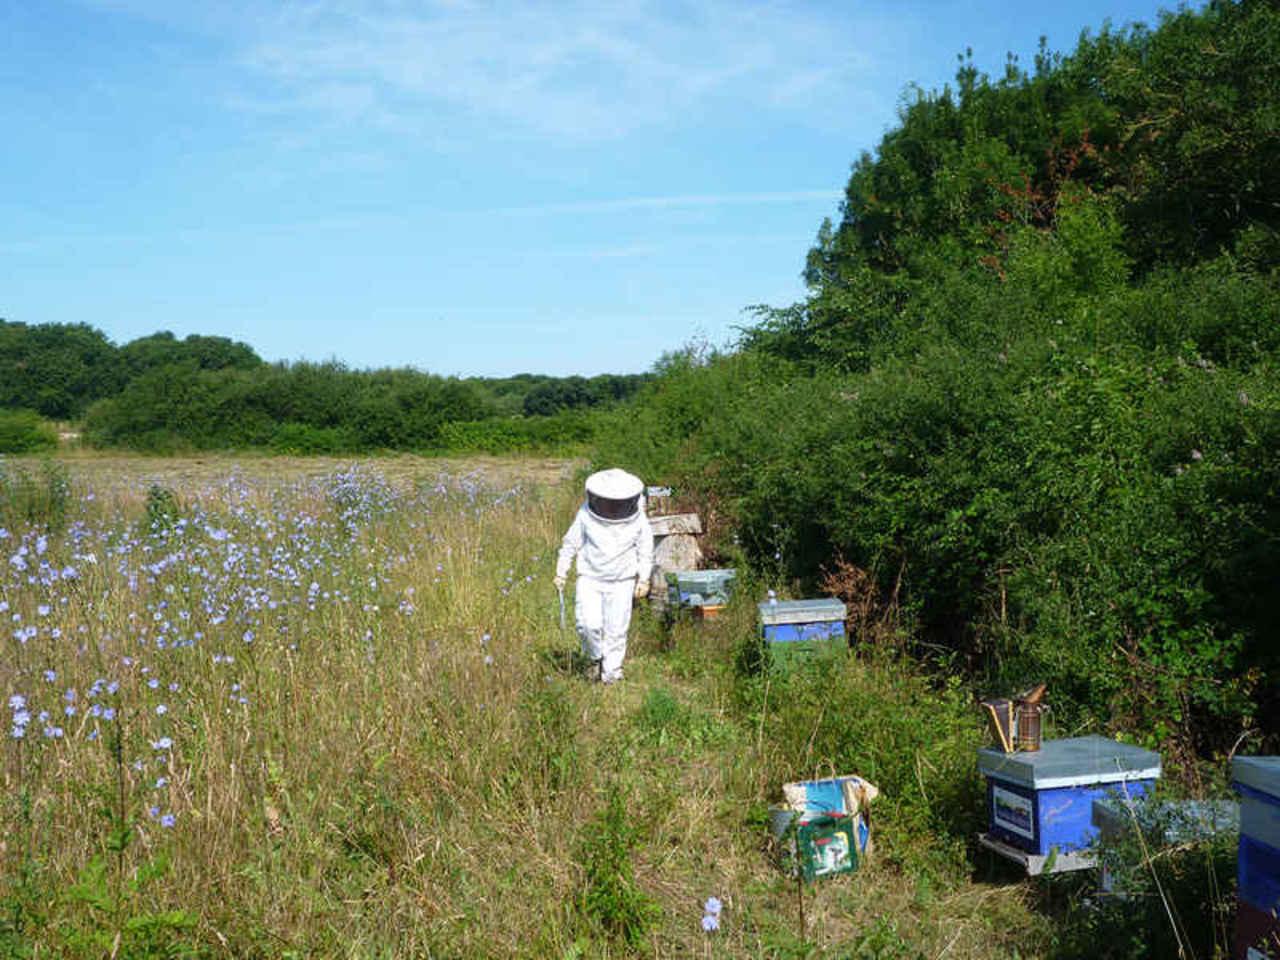 680 ruche geodis france express rochefort 62 2015 07 24 12 44 49